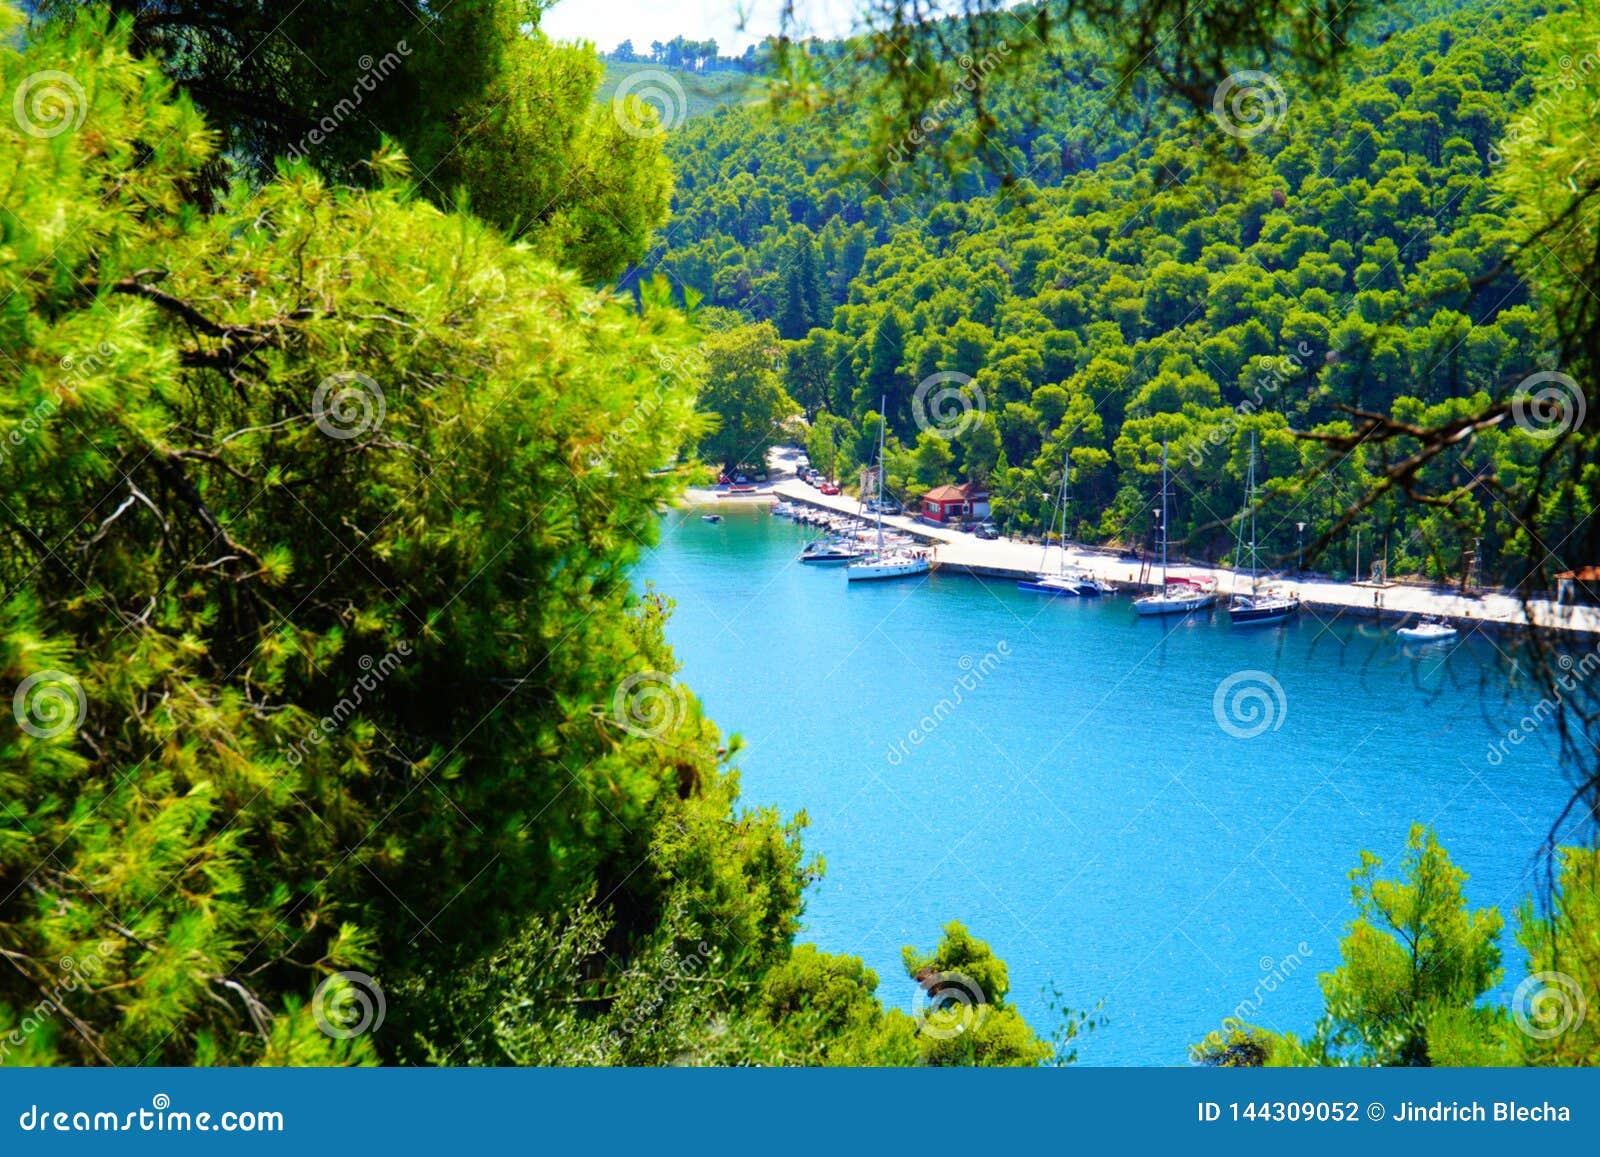 Agnontas bay on a sunny day, Greece